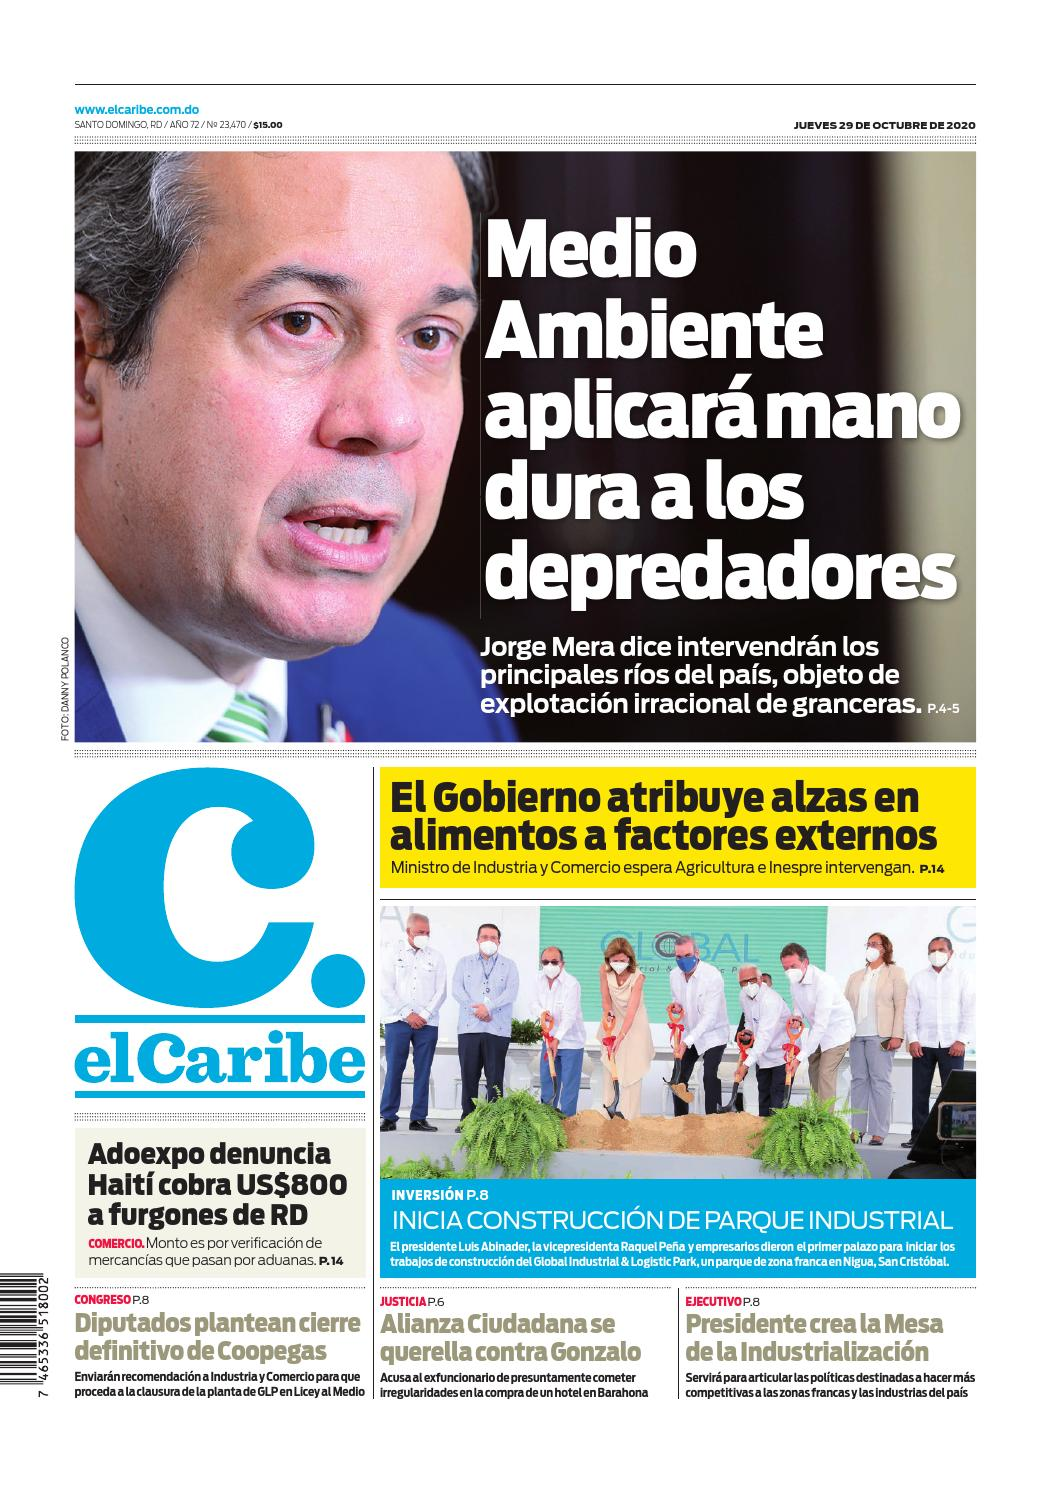 Portada Periódico El Caribe, Jueves 29 de Octubre, 2020